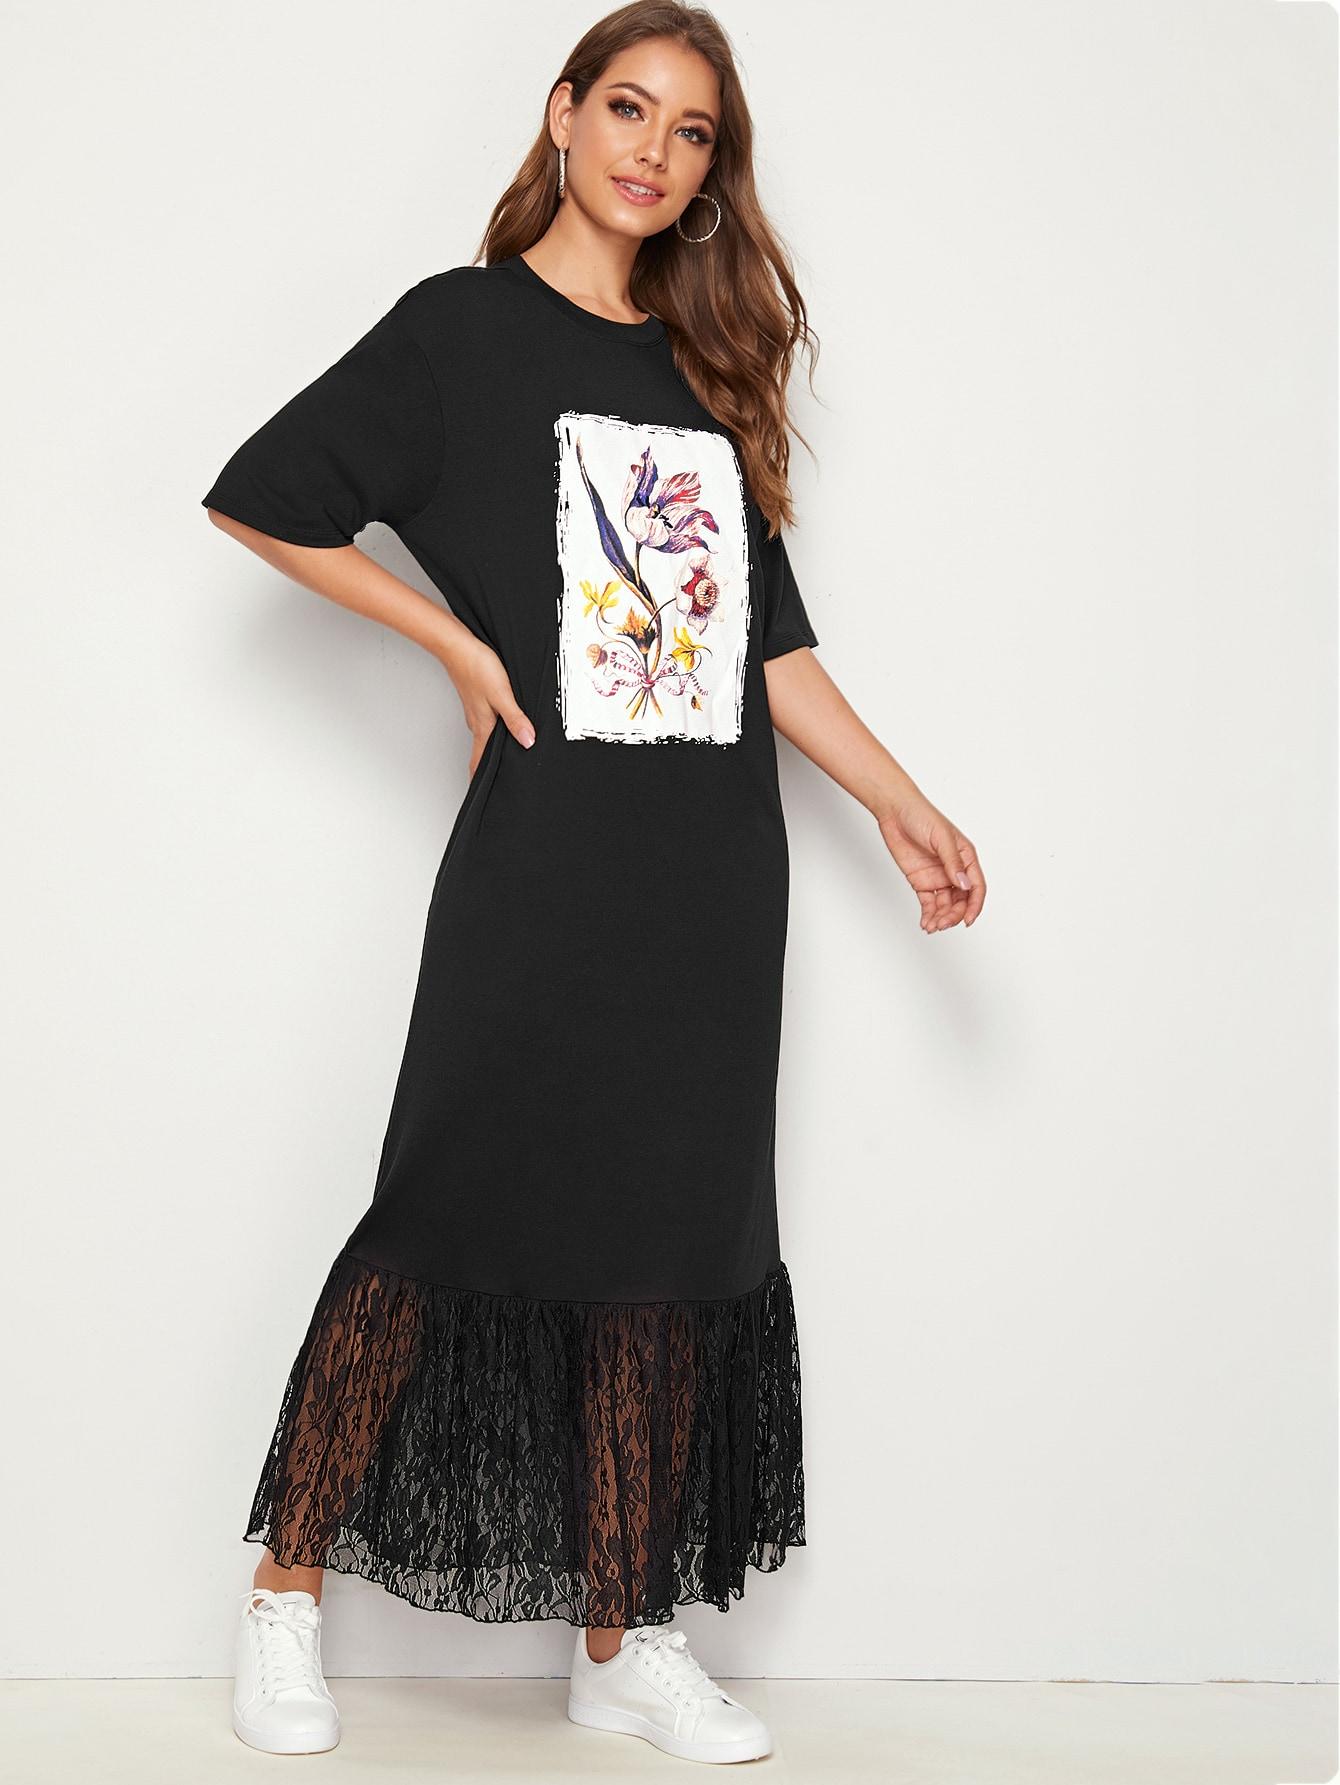 Кружевное платье с графическим принтом